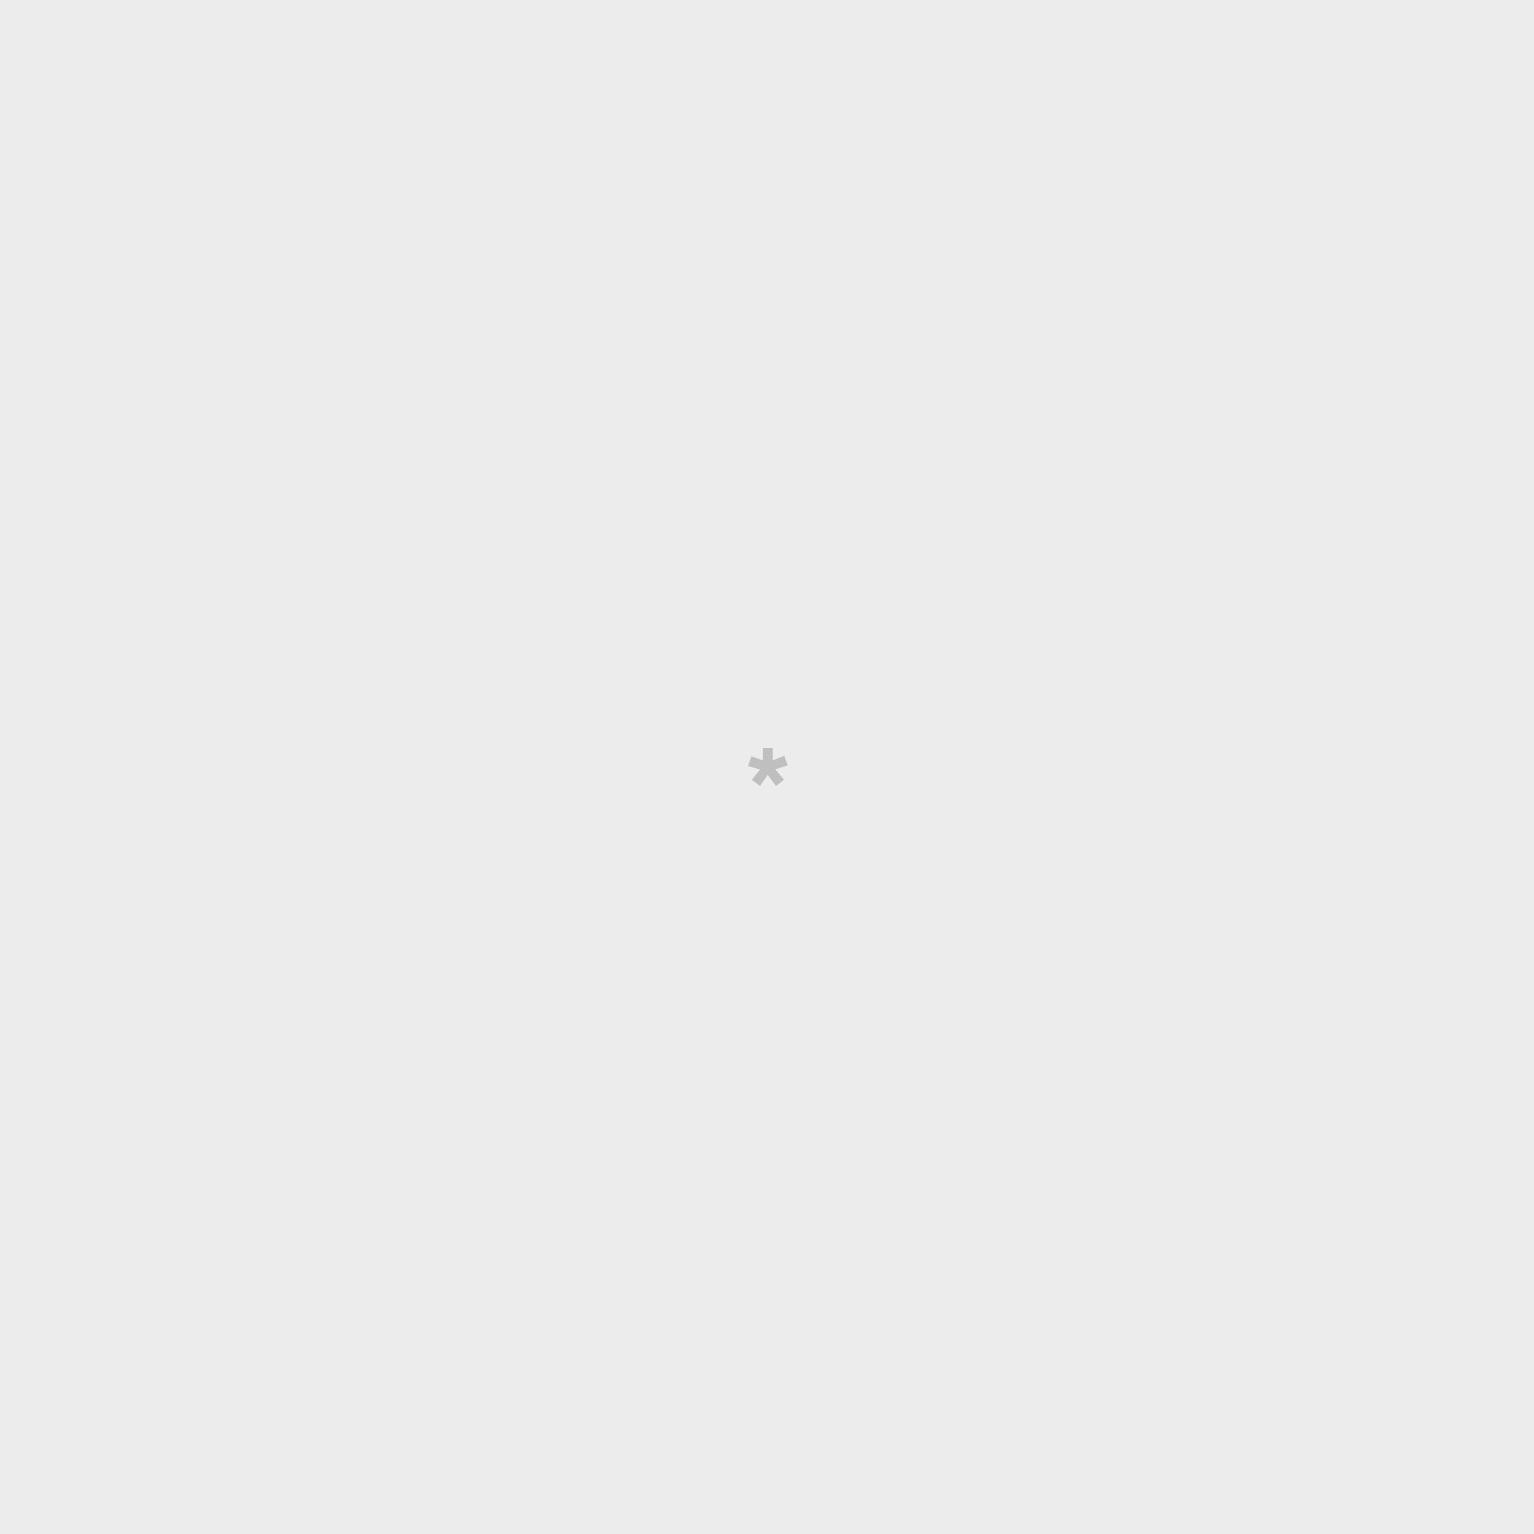 Agenda bullet - Planos, rascunhos e muitas ideias